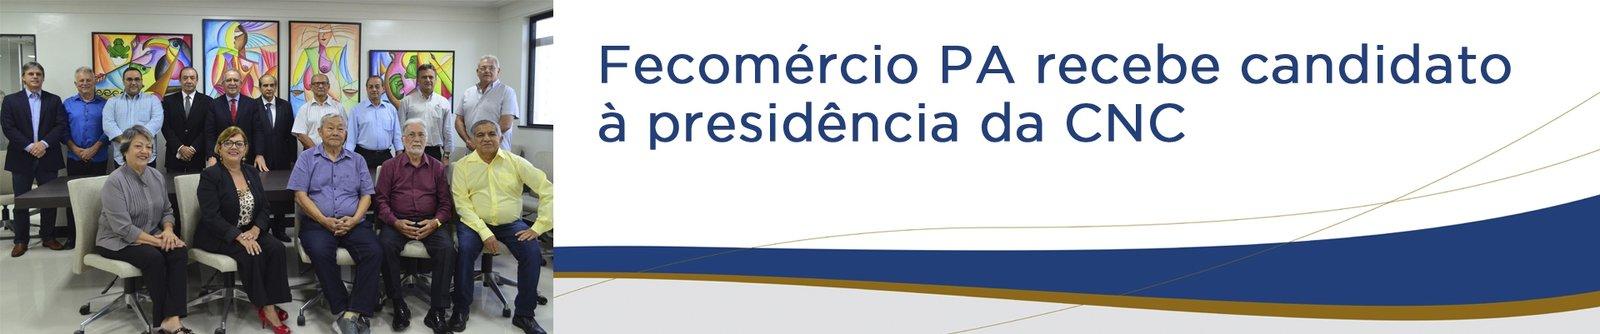 Fecomércio PA recebe candidato à presidência da CNC